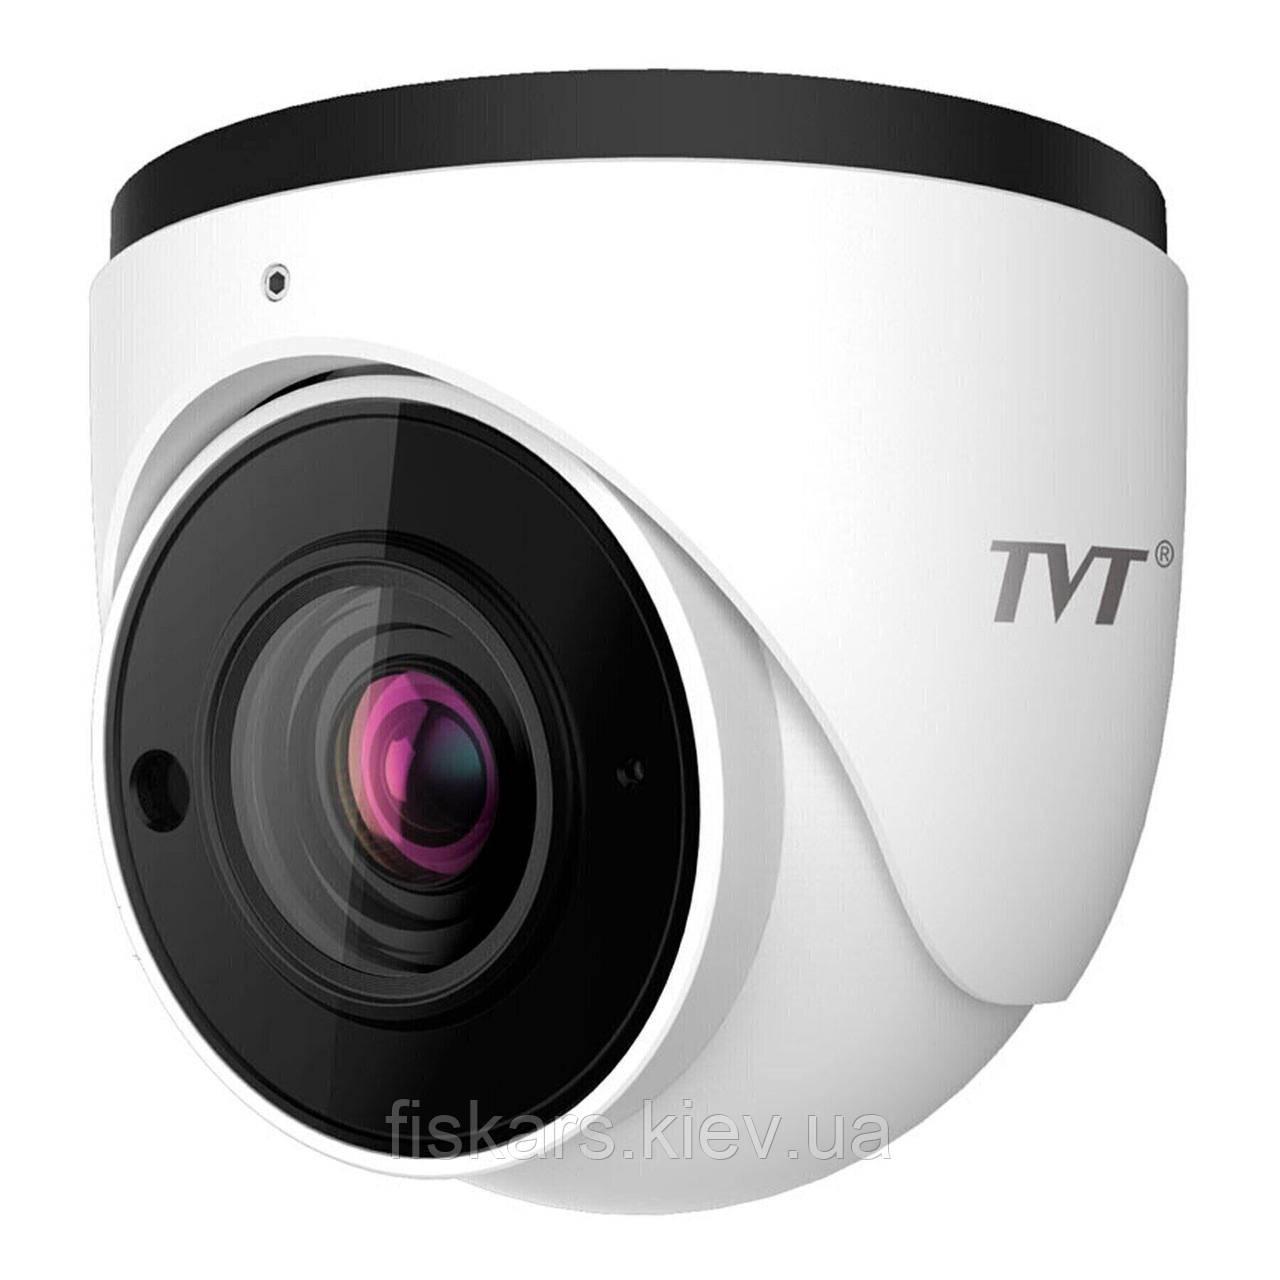 5 Мп сетевая видеокамера TVT Digital TD-9555S3A (D/FZ/PE/AR3)